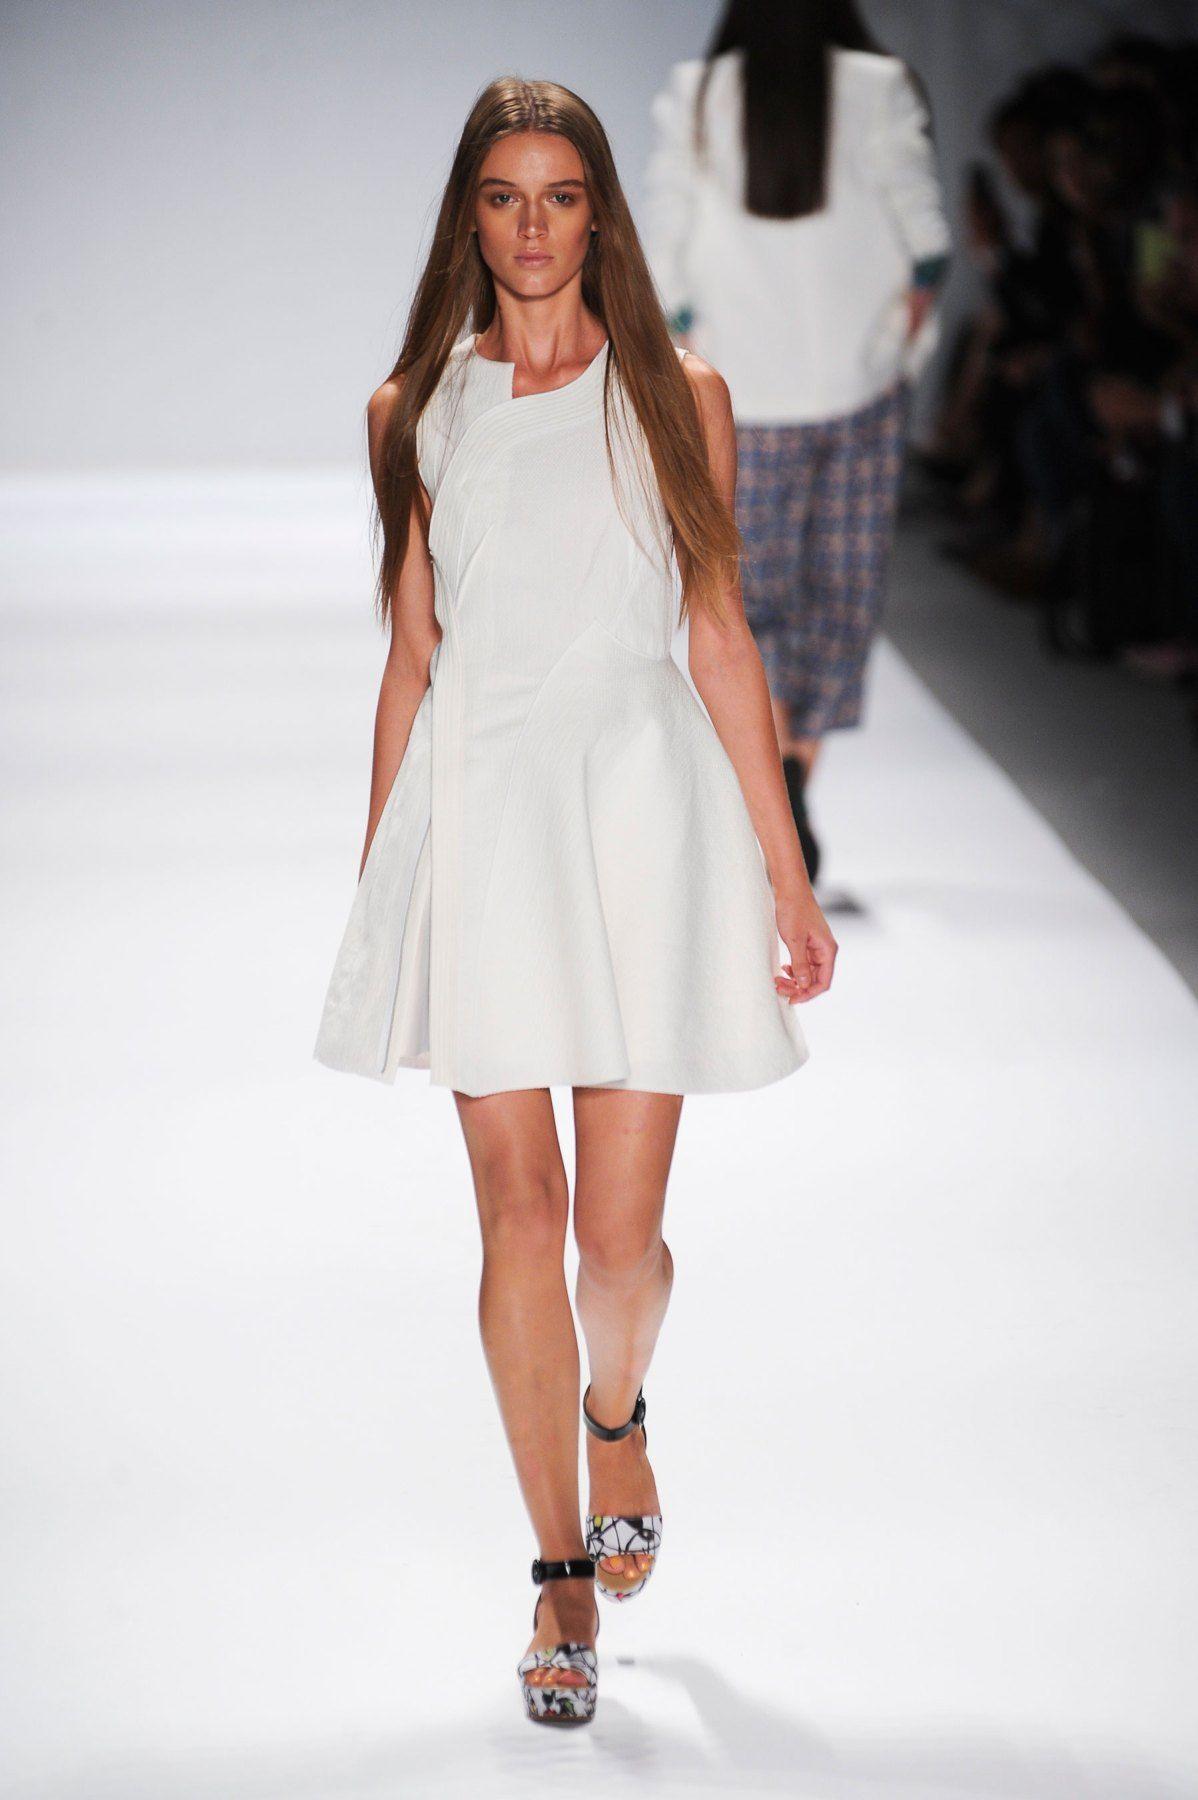 Vivienne Tam | Nova York | Verão 2014 RTW